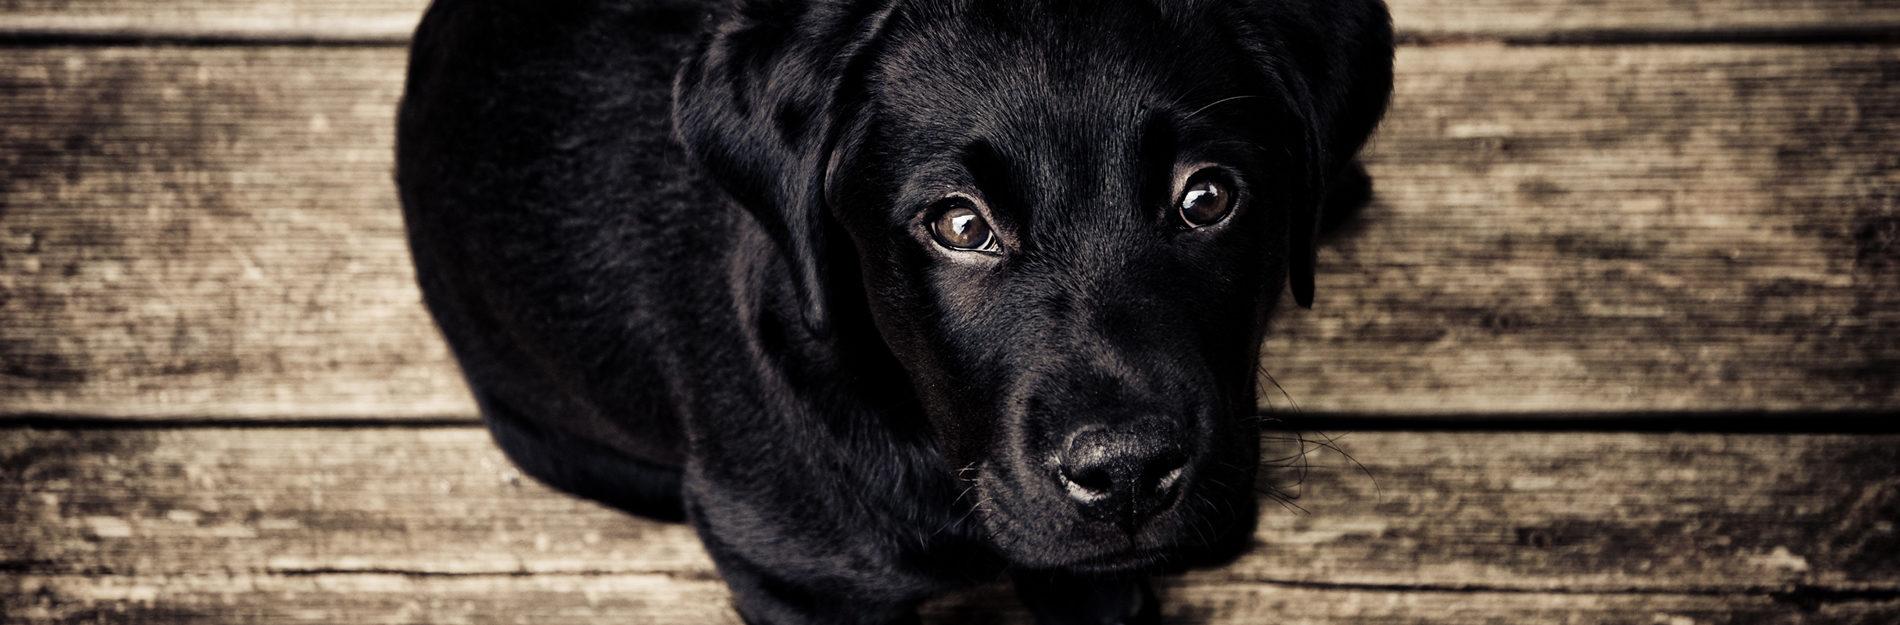 Wie entferne ich Zahnstein meines Hundes selbst?